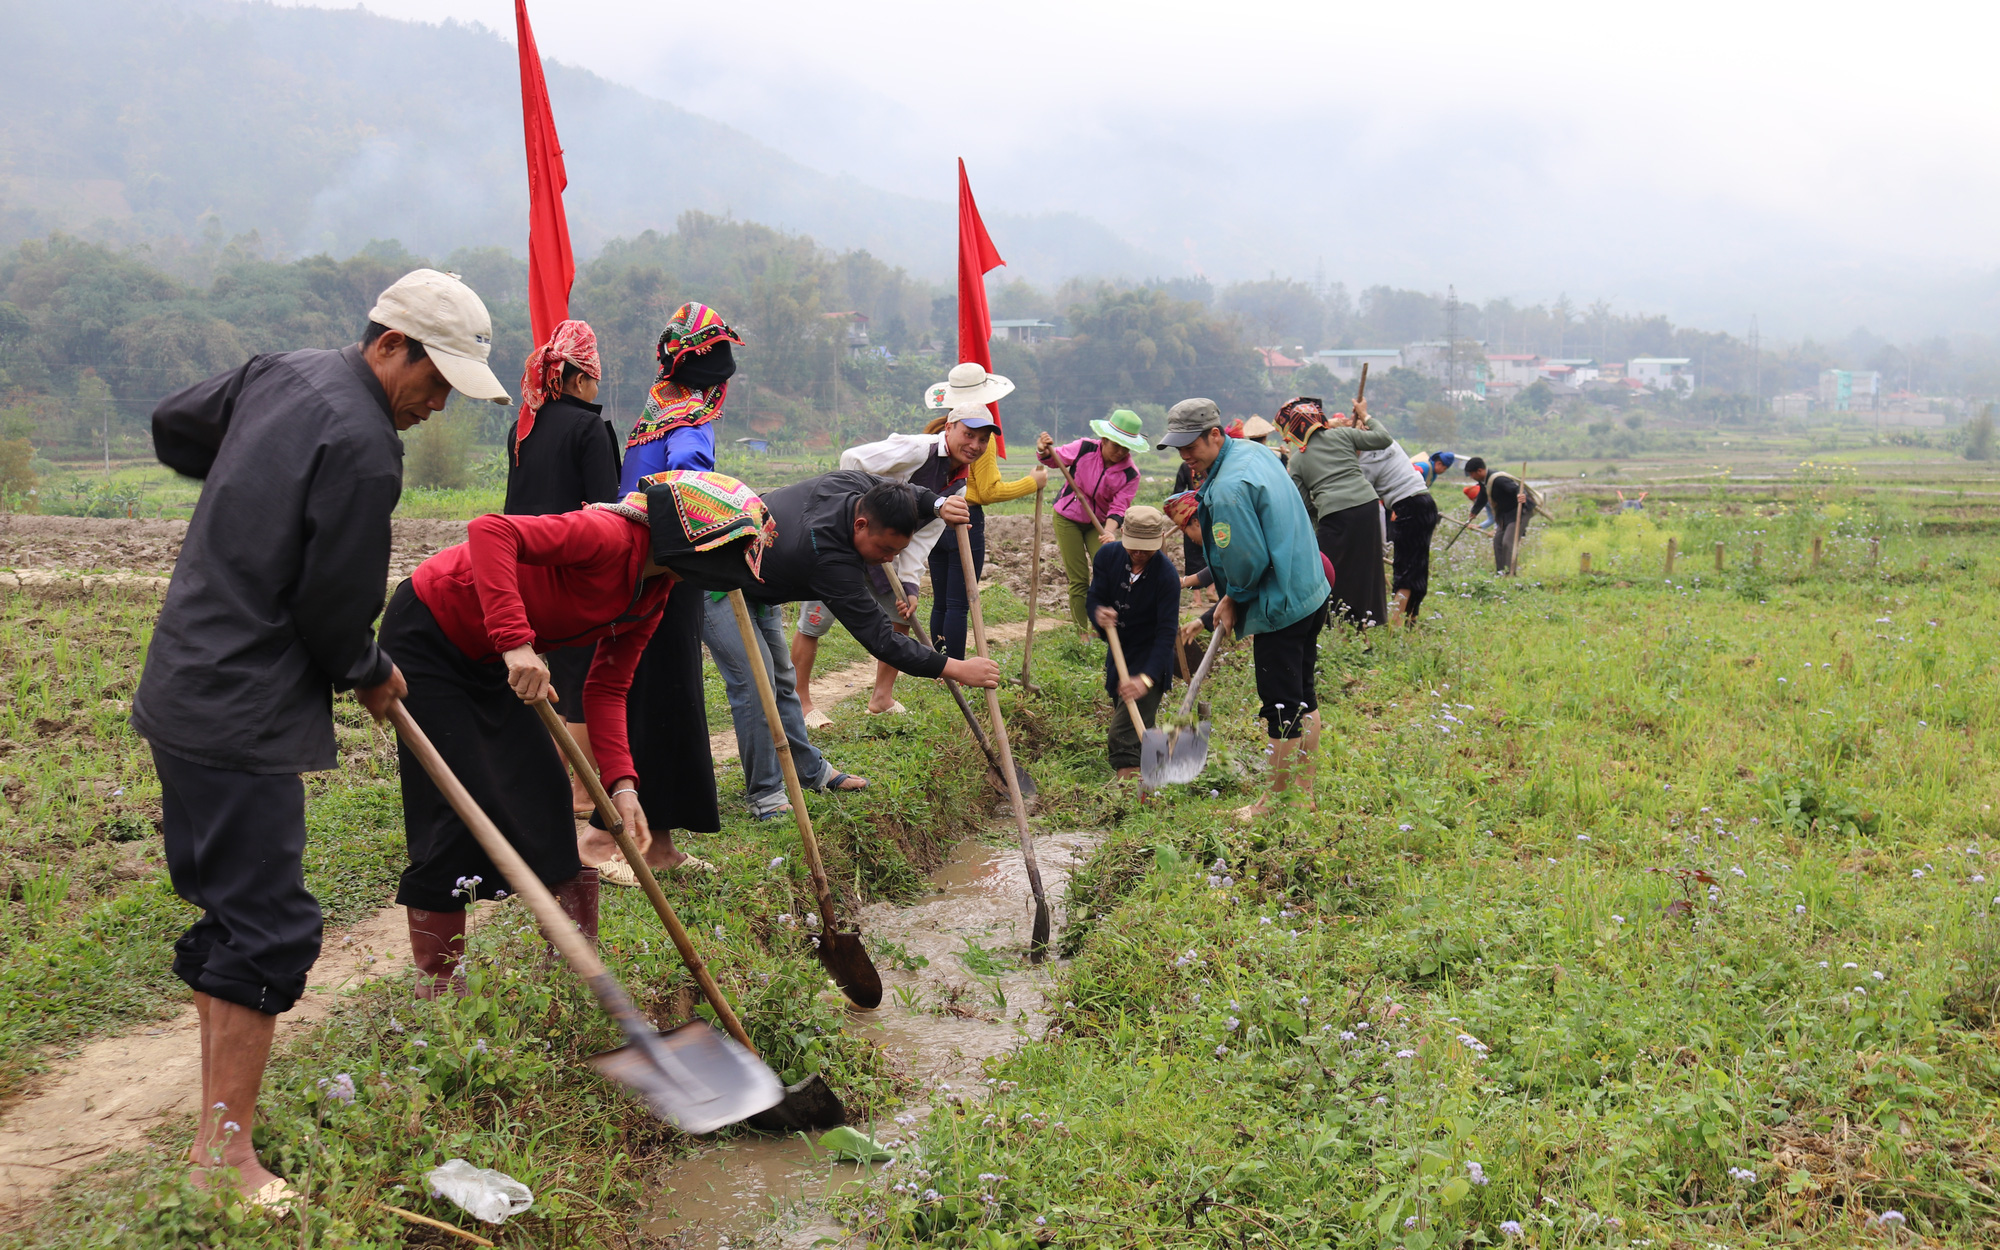 Hội Nông dân Thuận Châu: Tích cực xây dựng nông thôn mới